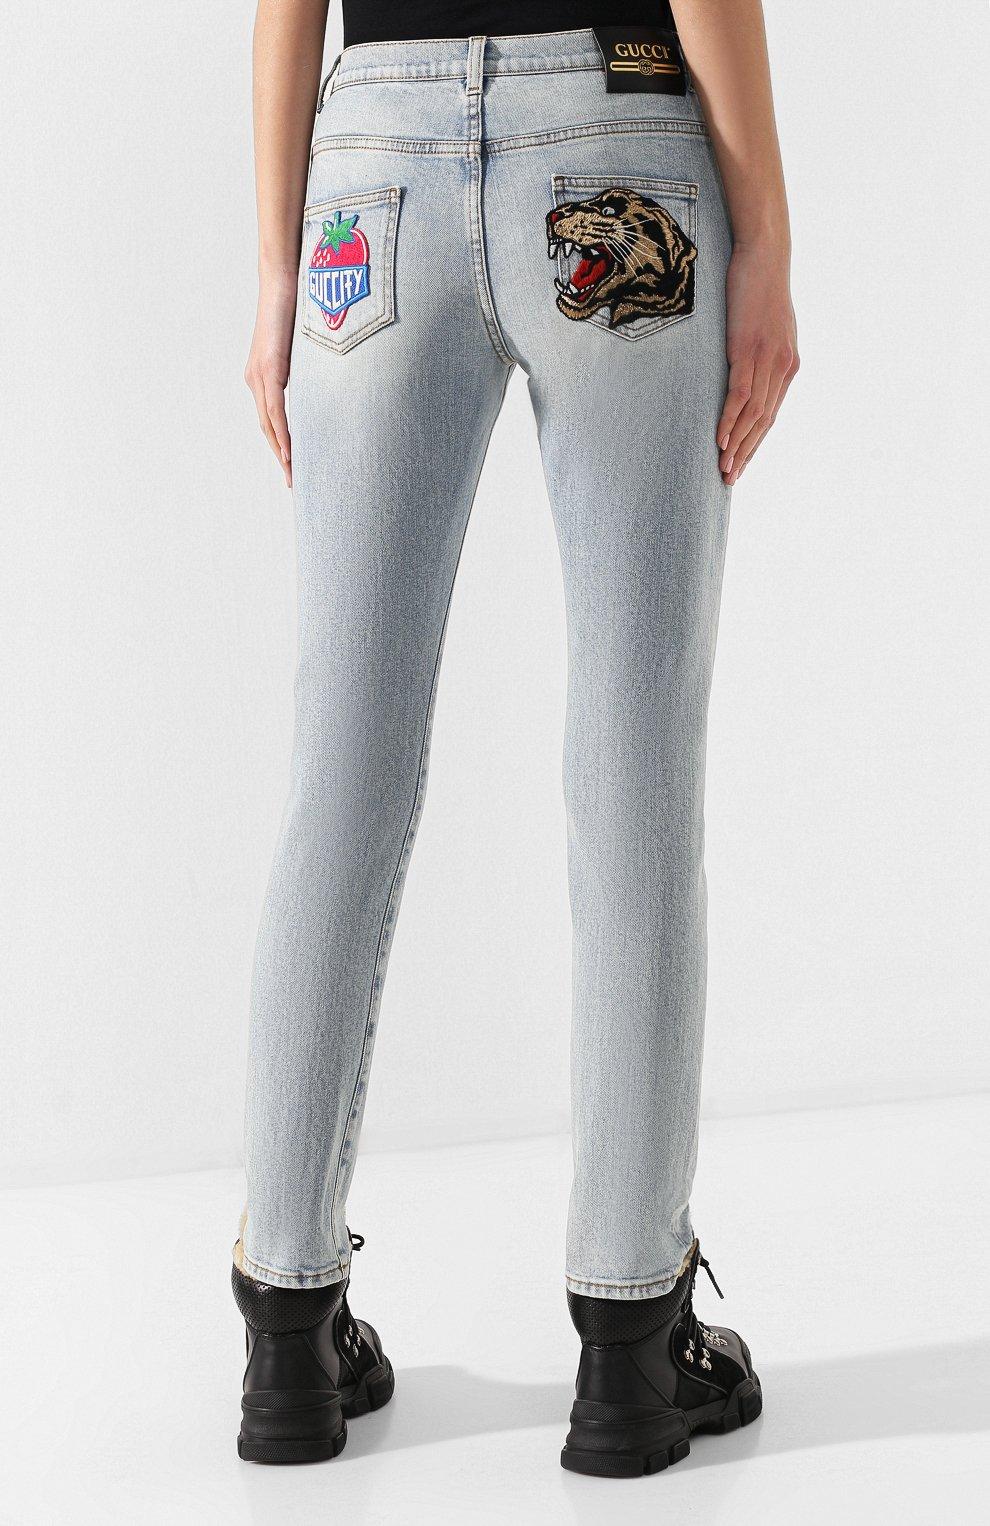 Женские джинсы по цене от 5 750 руб. купить в интернет-магазине ЦУМ c7cb20e6267